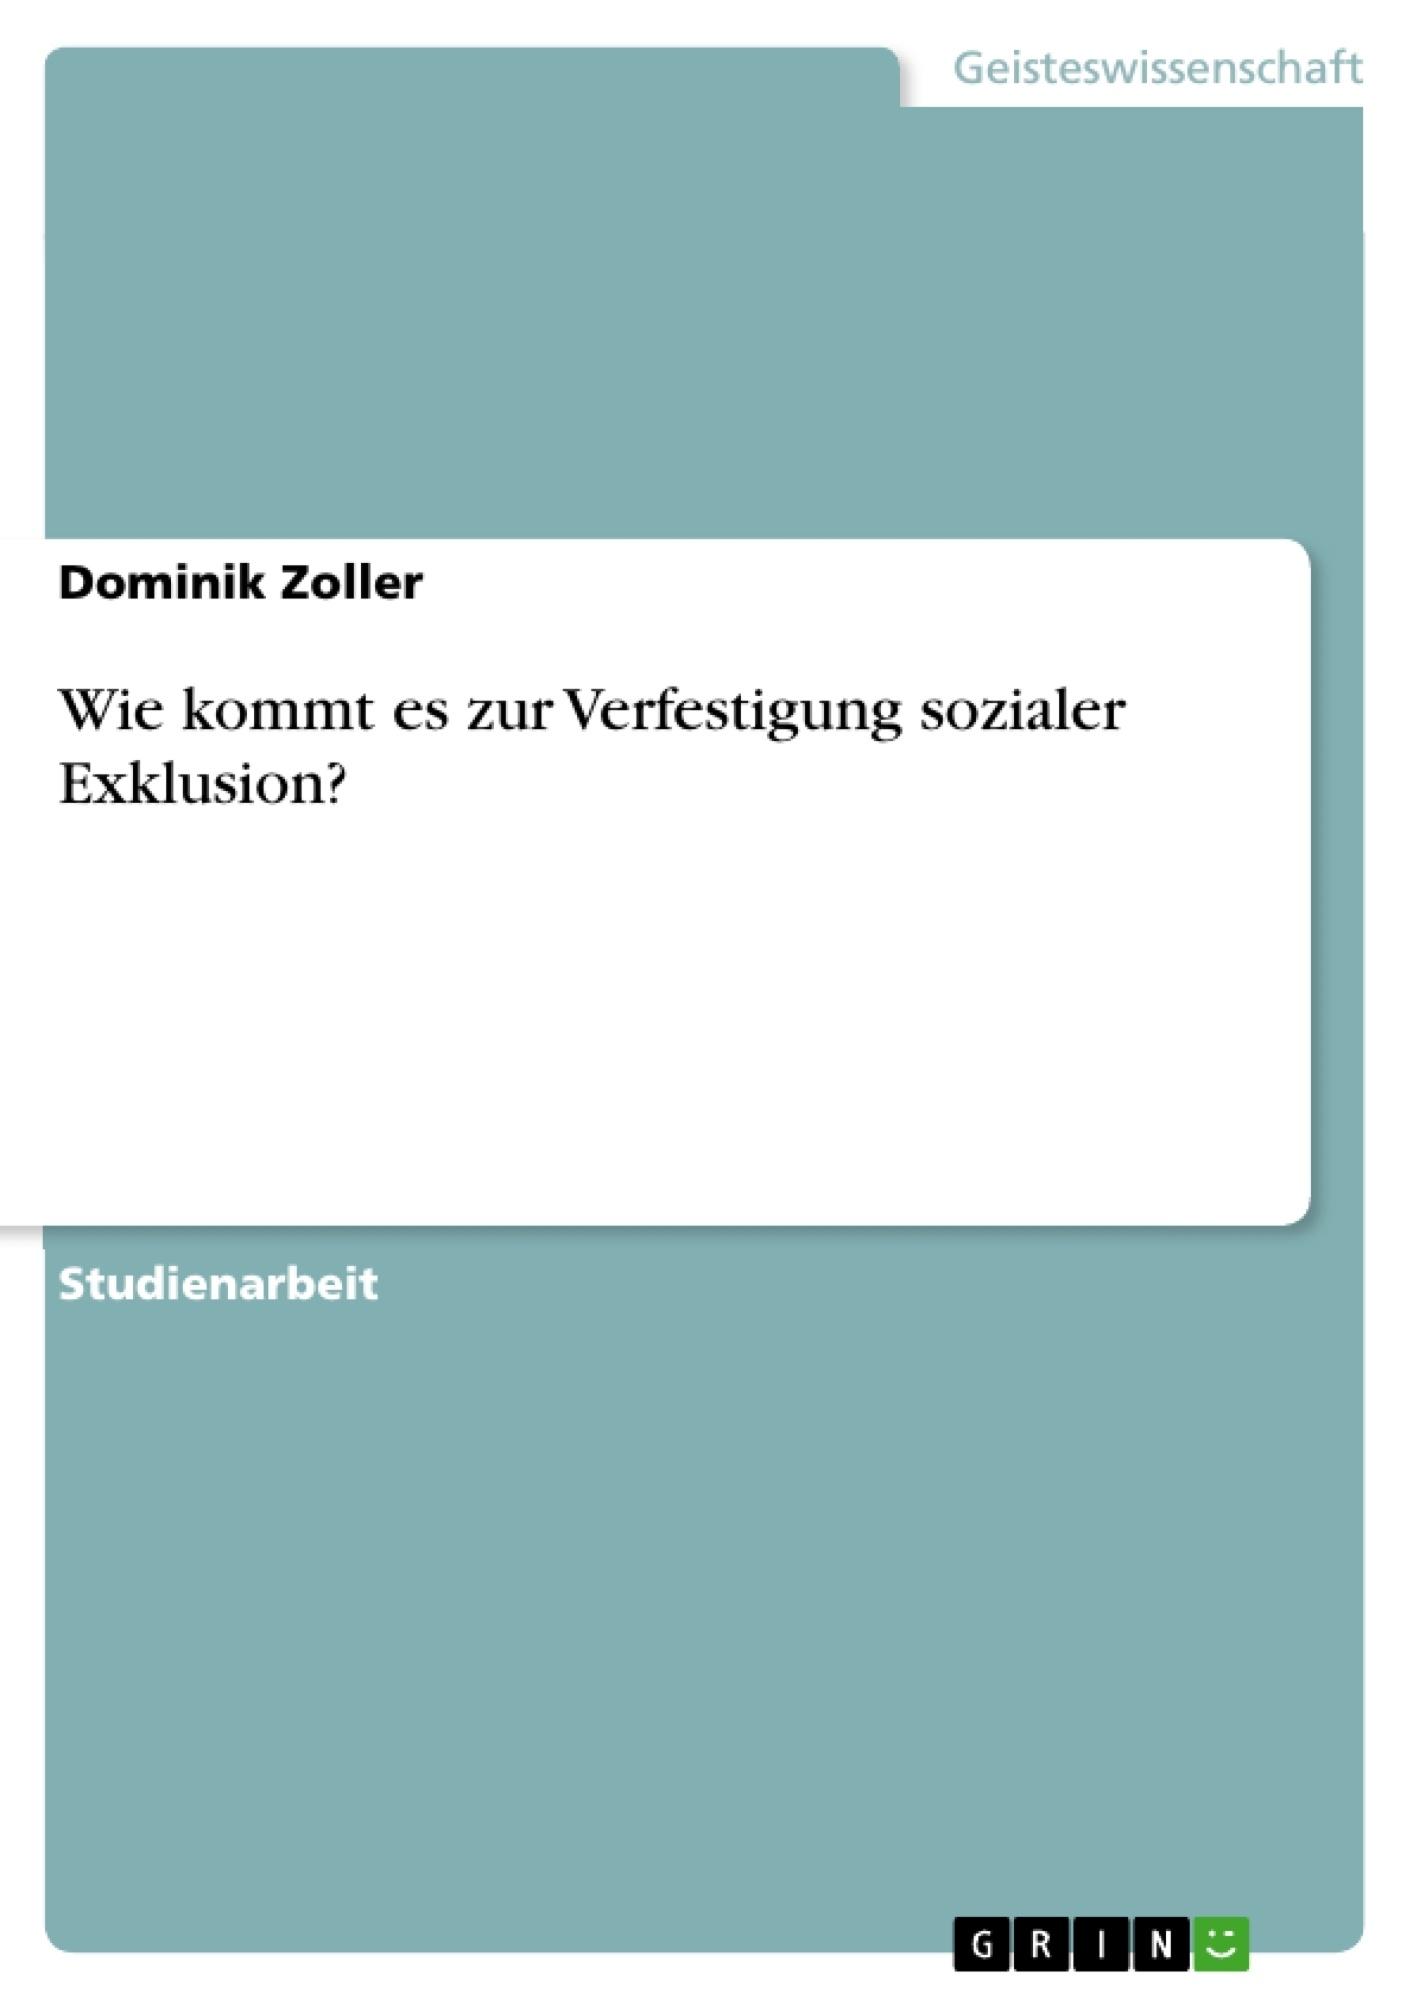 Titel: Wie kommt es zur Verfestigung sozialer Exklusion?